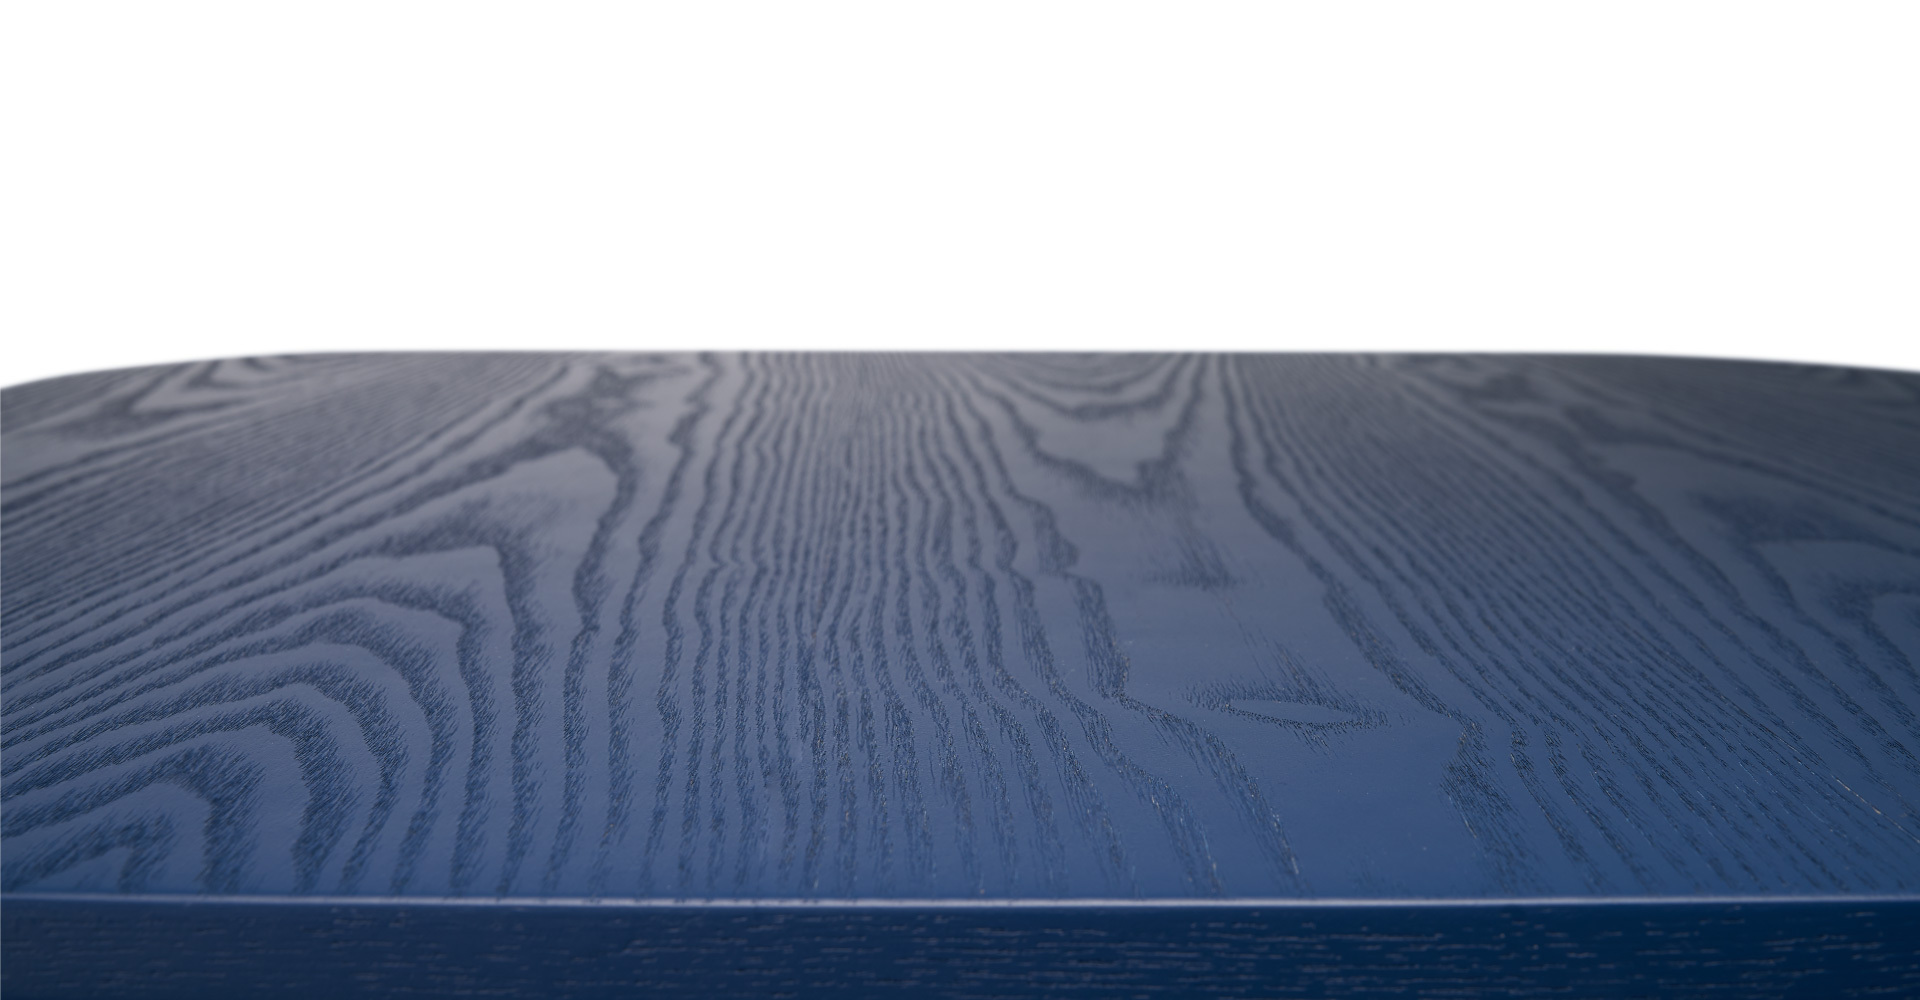 水曲柳弦切板面,拥有各自不同的天然肌理,年轮线呈现不规则的大山纹,配以半开放全哑光漆面效果,保留原生深浅纹路,融会现代色彩与自然材质,流露内敛质朴之美。